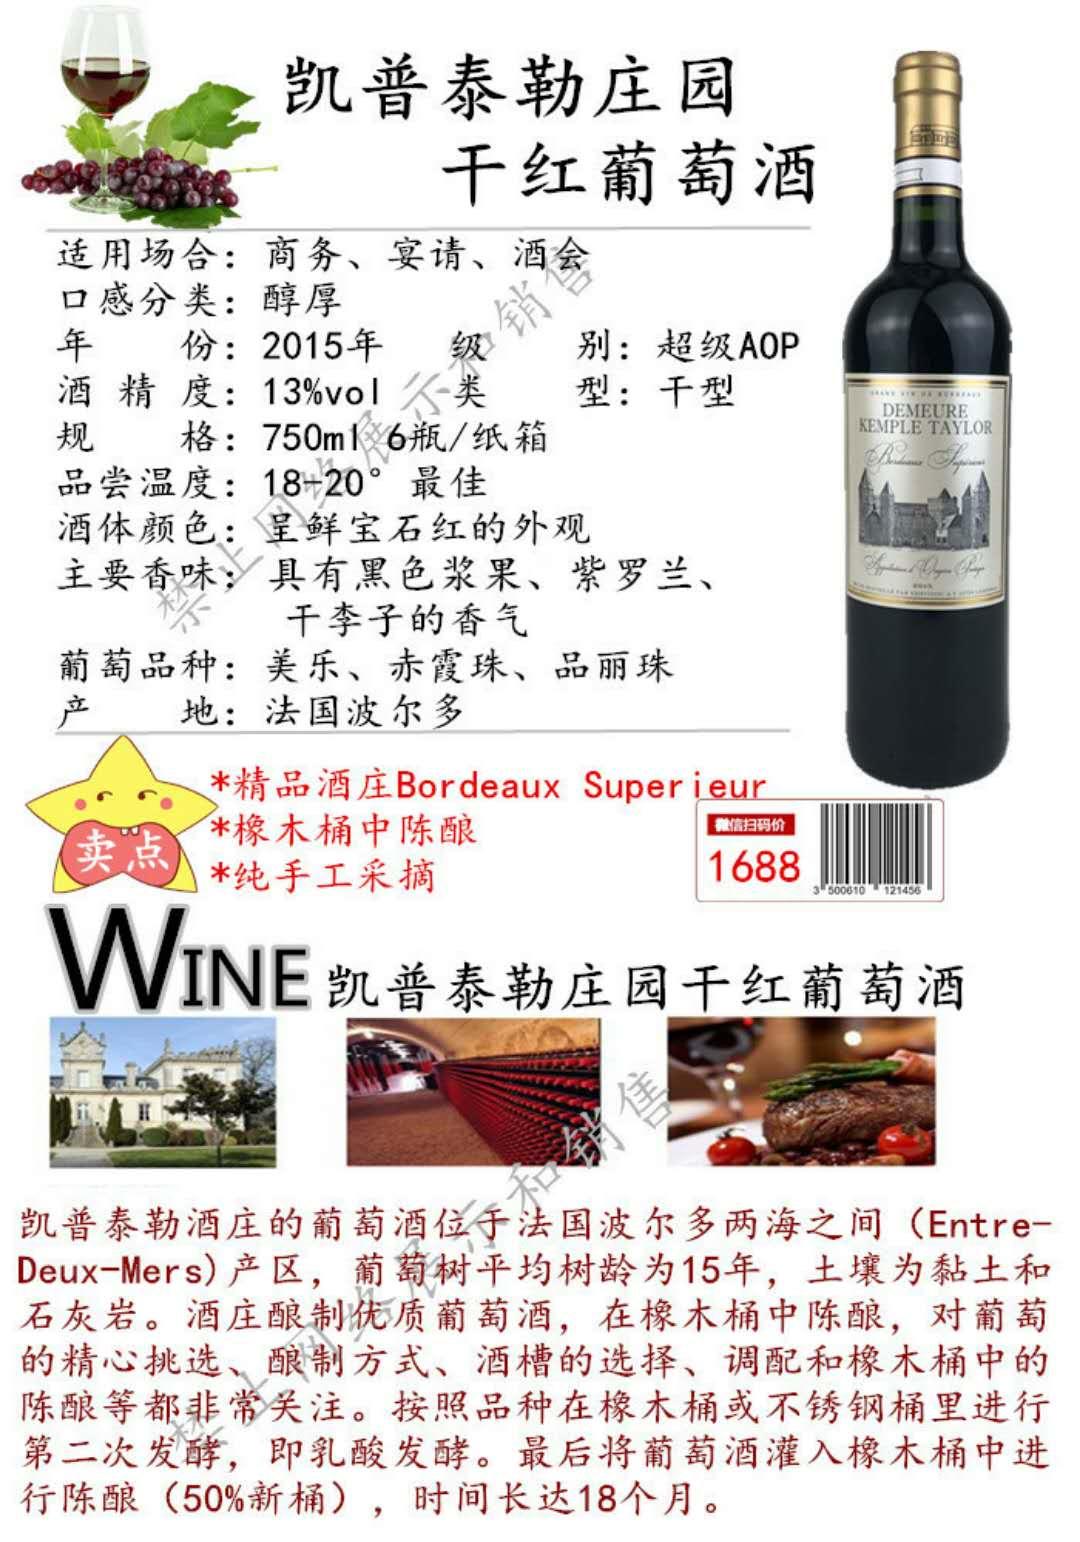 原瓶进口法国红酒,产自波尔多法定名酒庄,品质保证